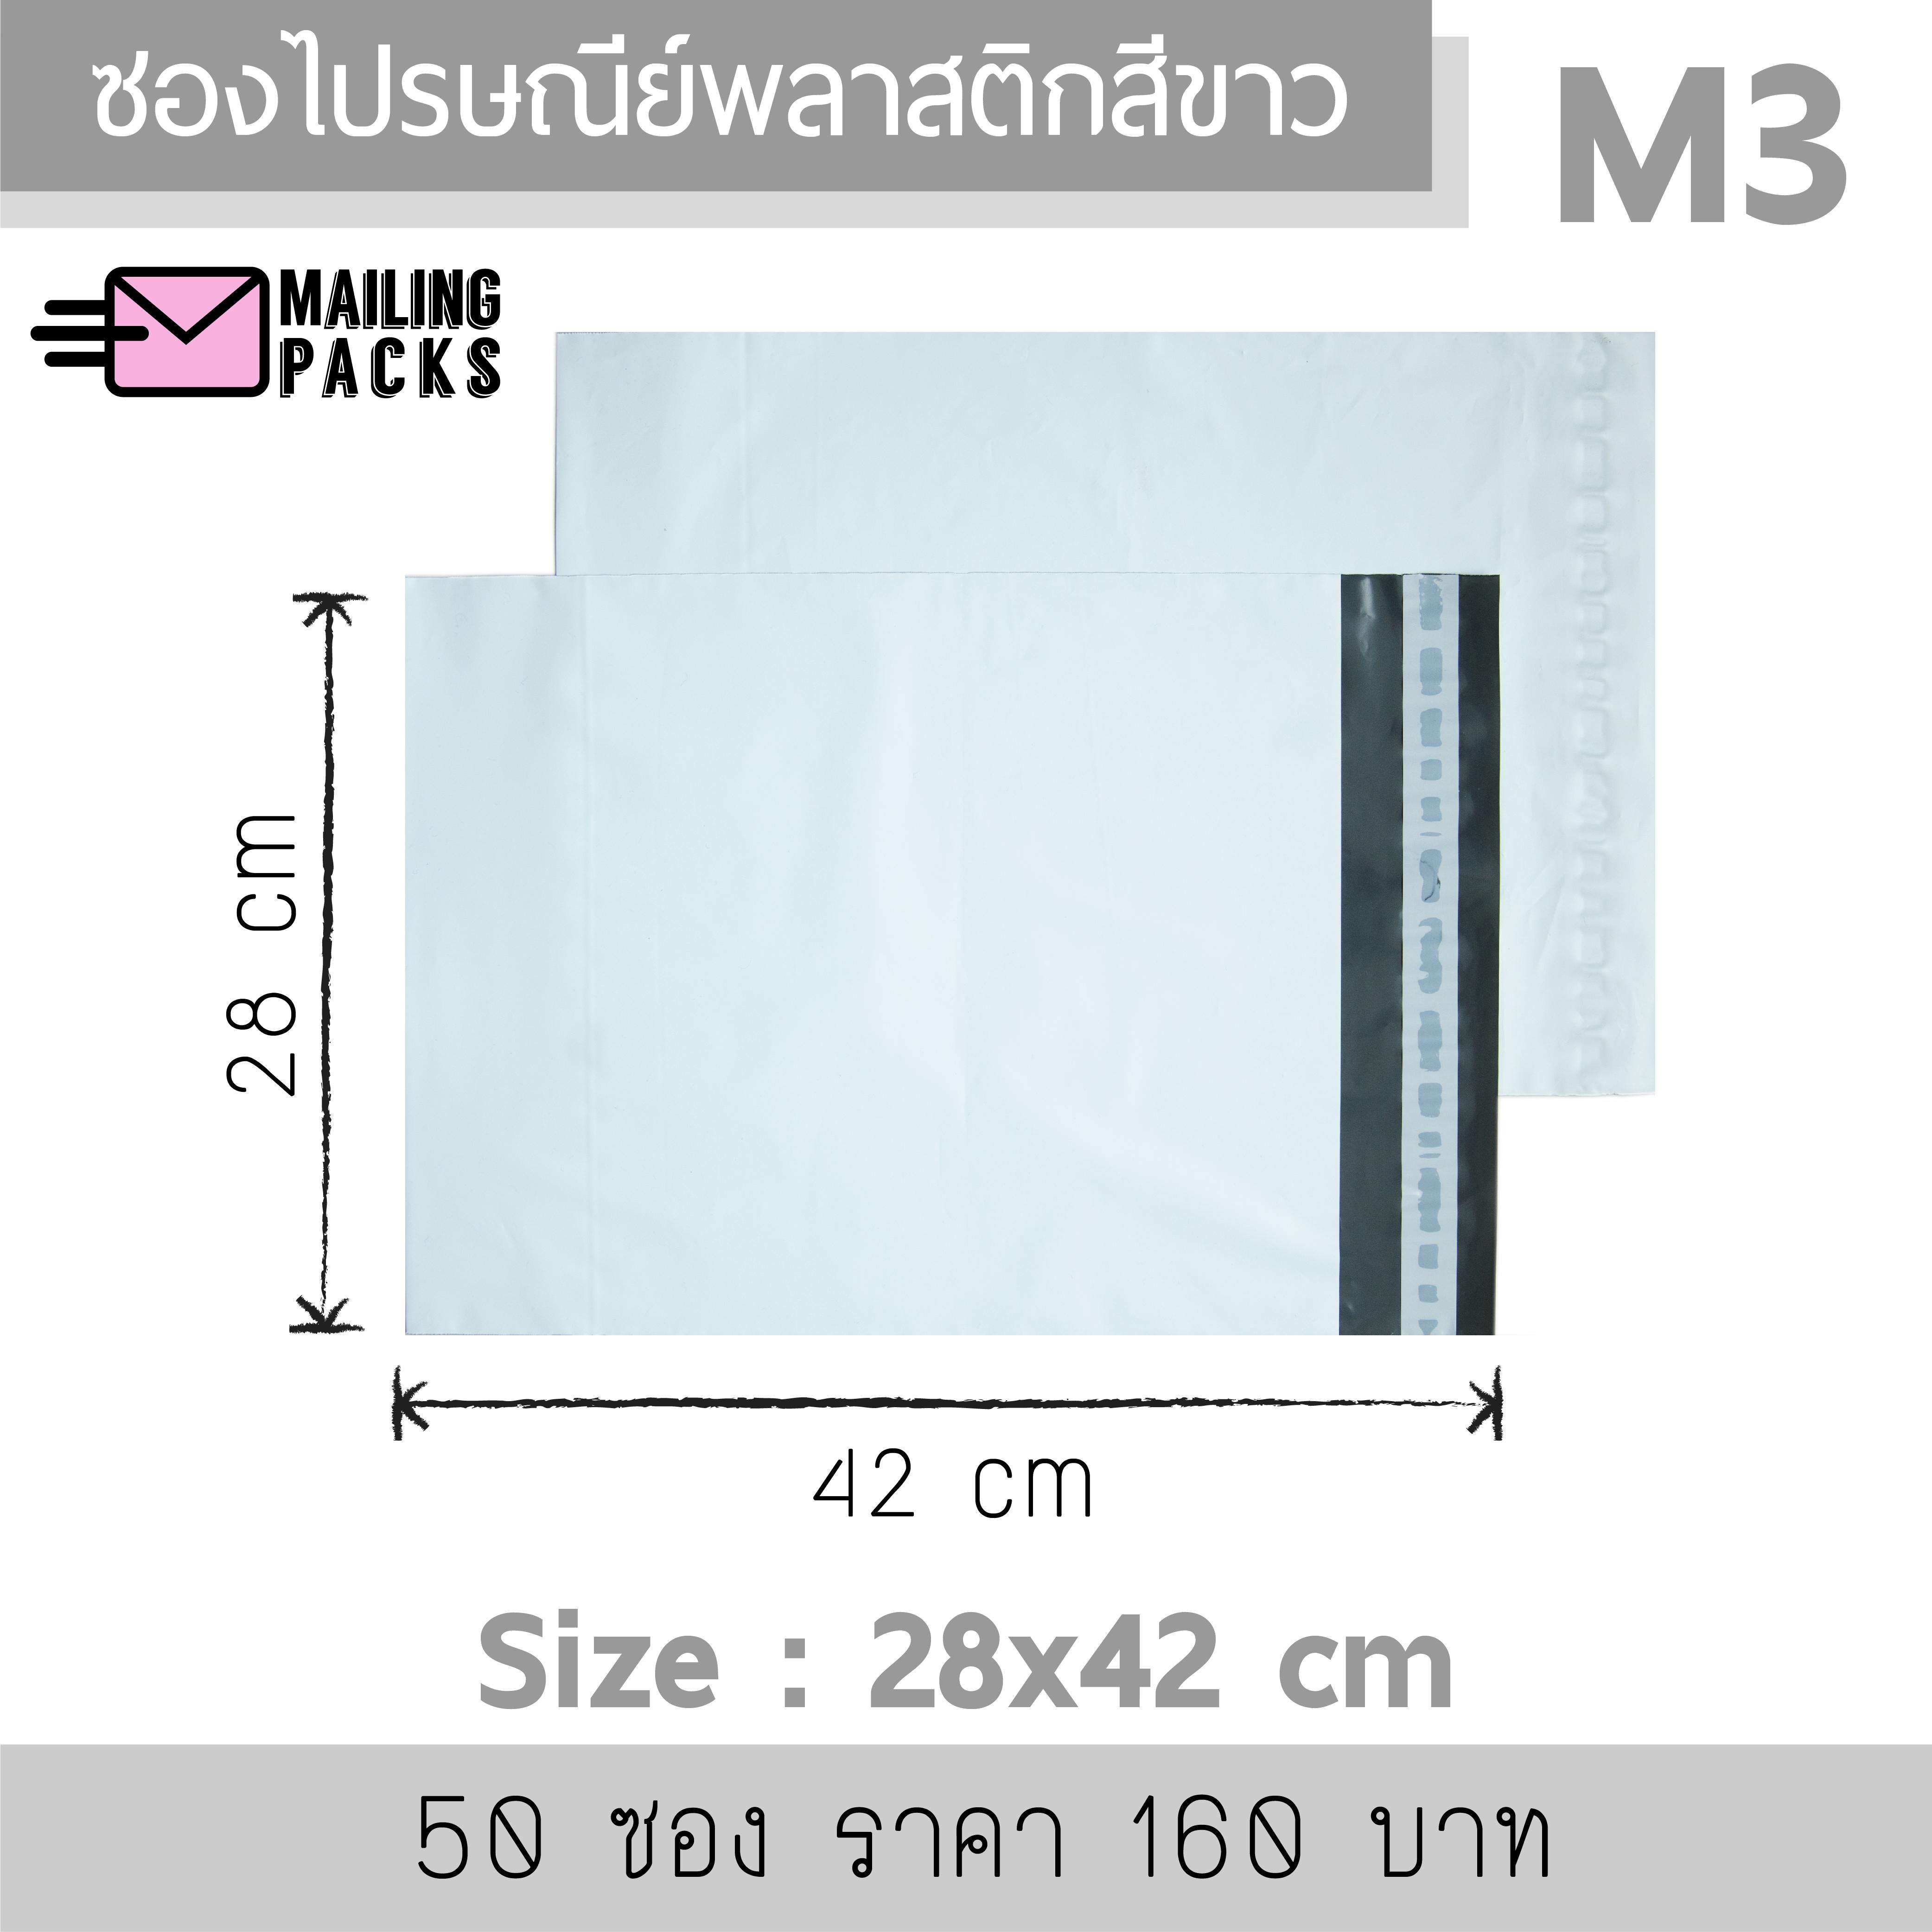 ซองไปรษณีย์พลาสติก สีขาว M3 : 28 x 42 cm. (50 ซอง)